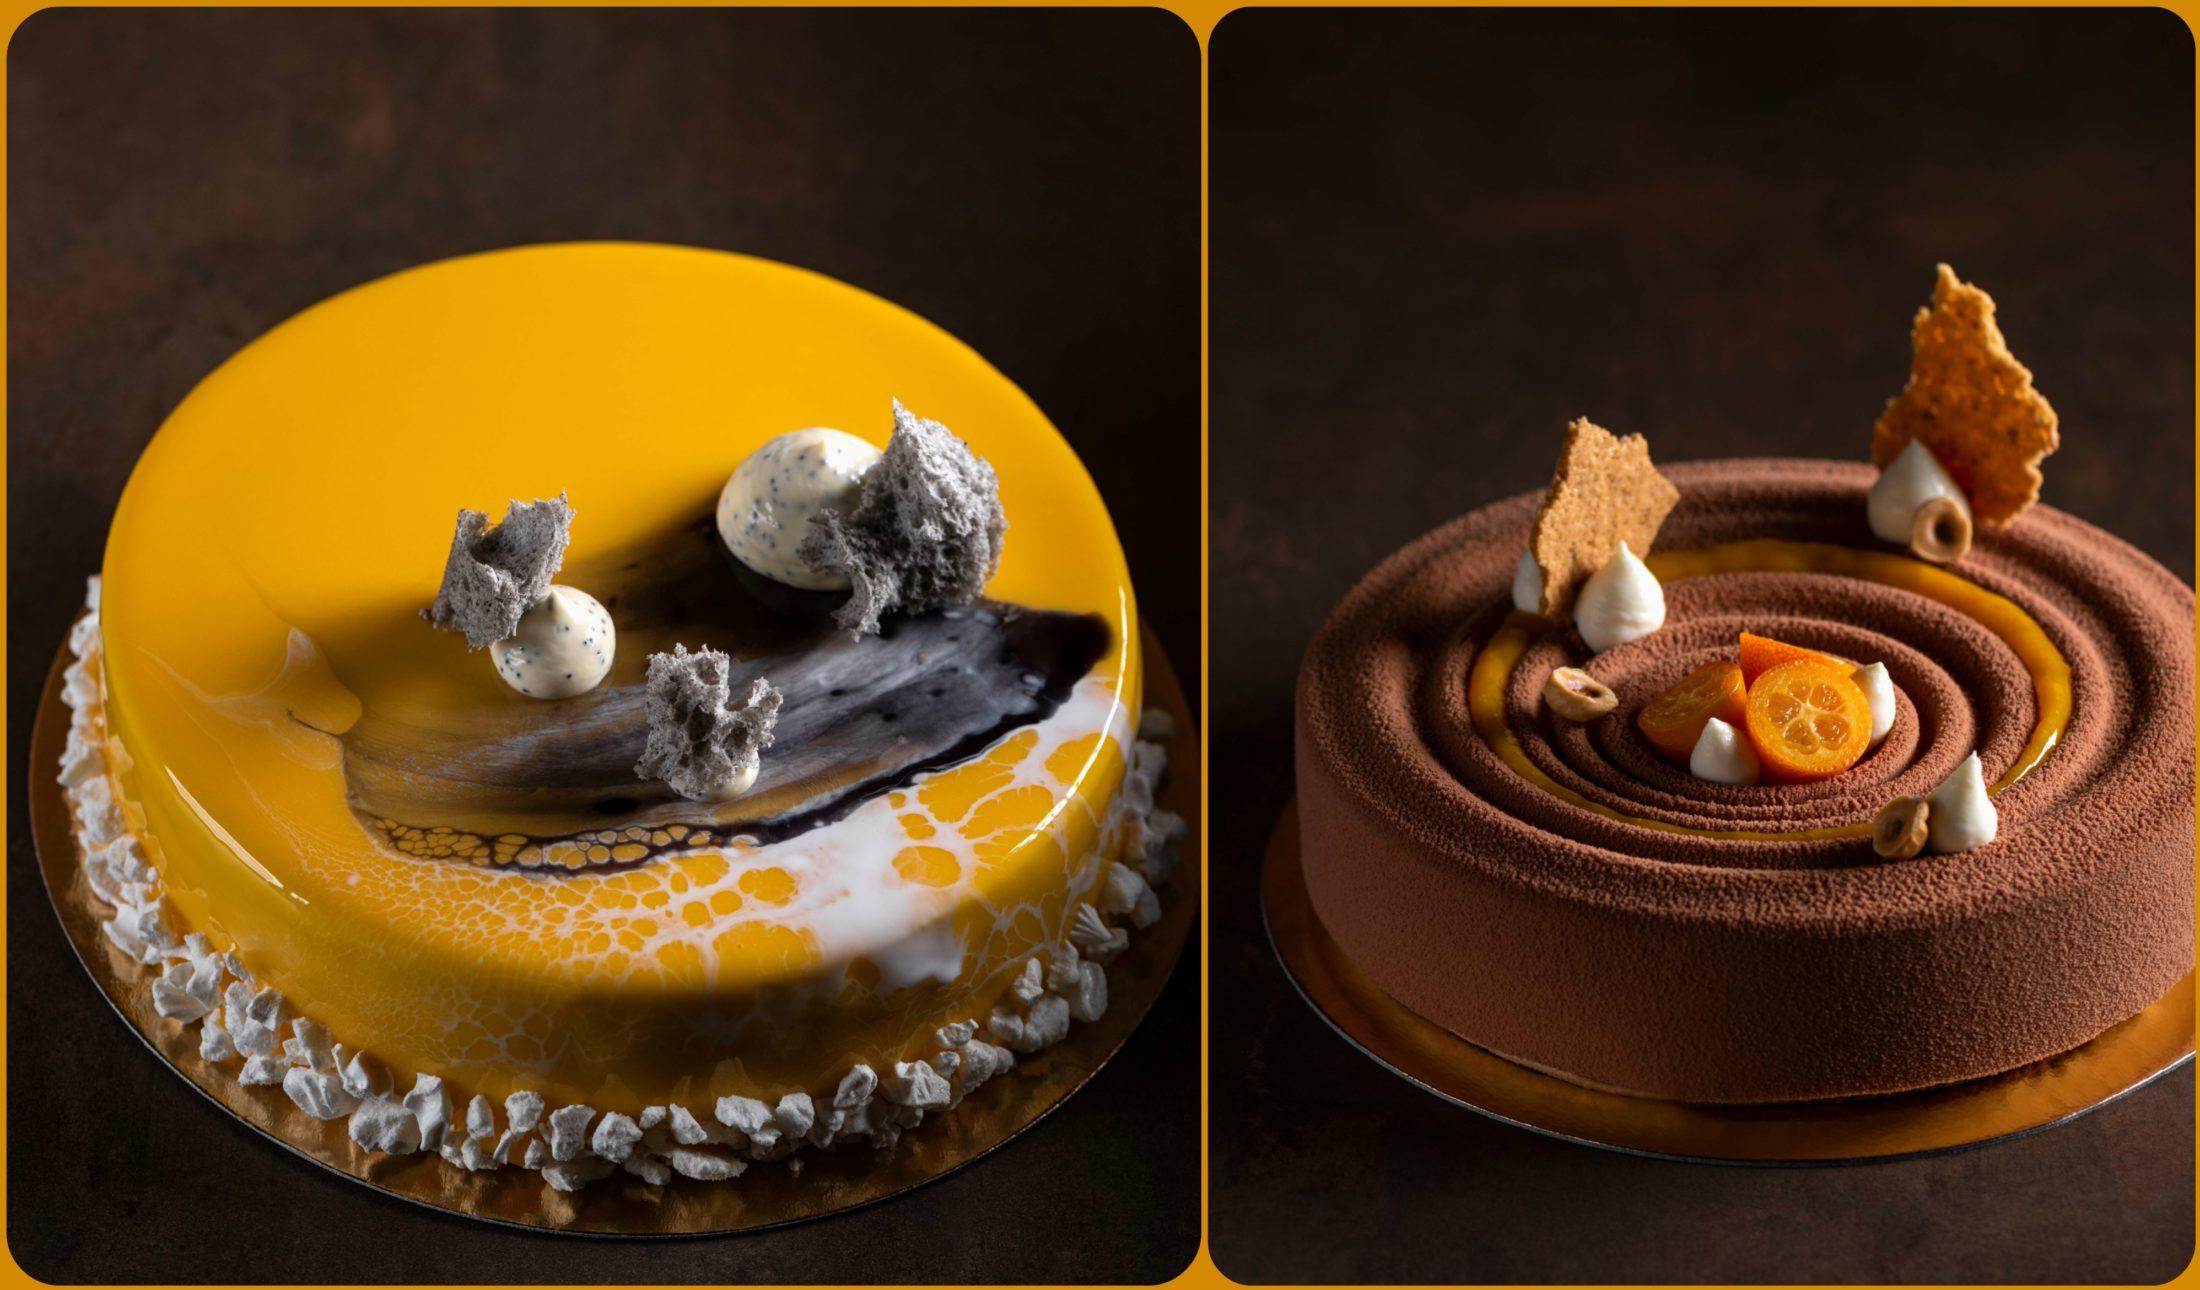 Hazai Michelin-csillagos étteremből rendelhetünk tortát: Borkonyha az Édes Városon